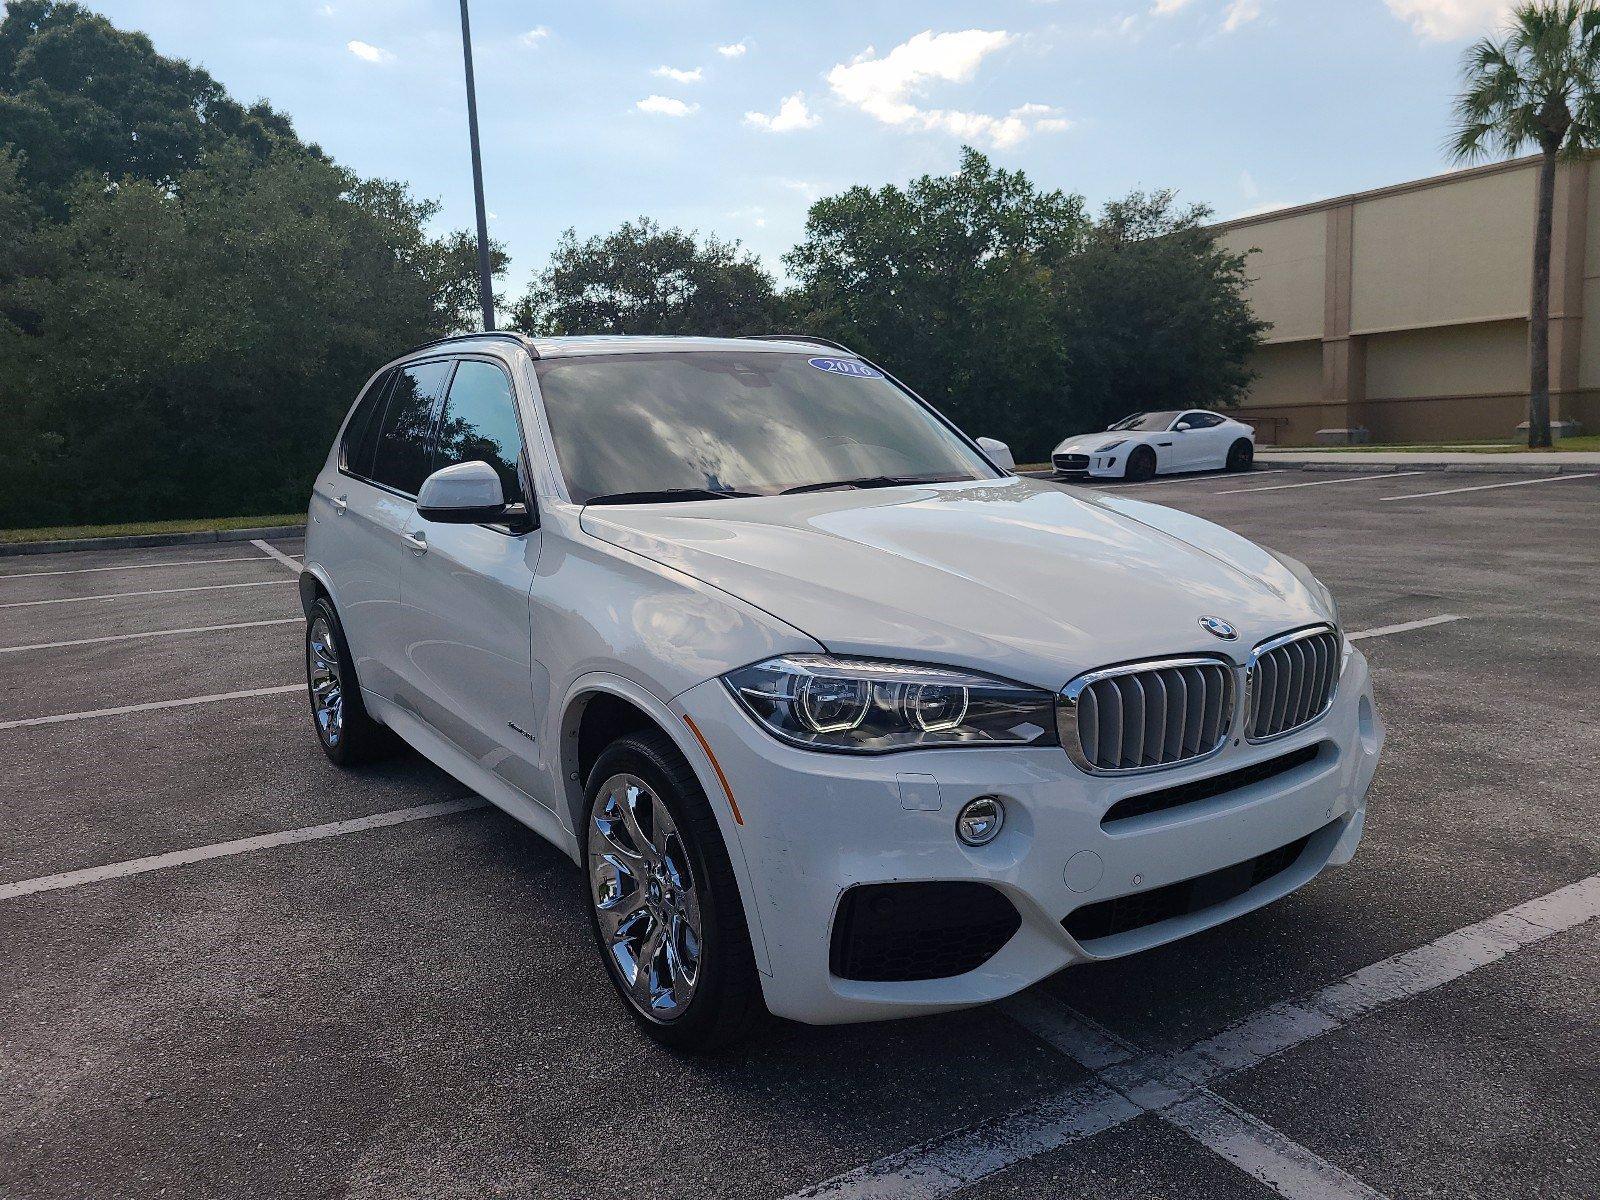 2016 BMW X5 xDrive50i Vehicle Photo in NAPLES, FL 34109